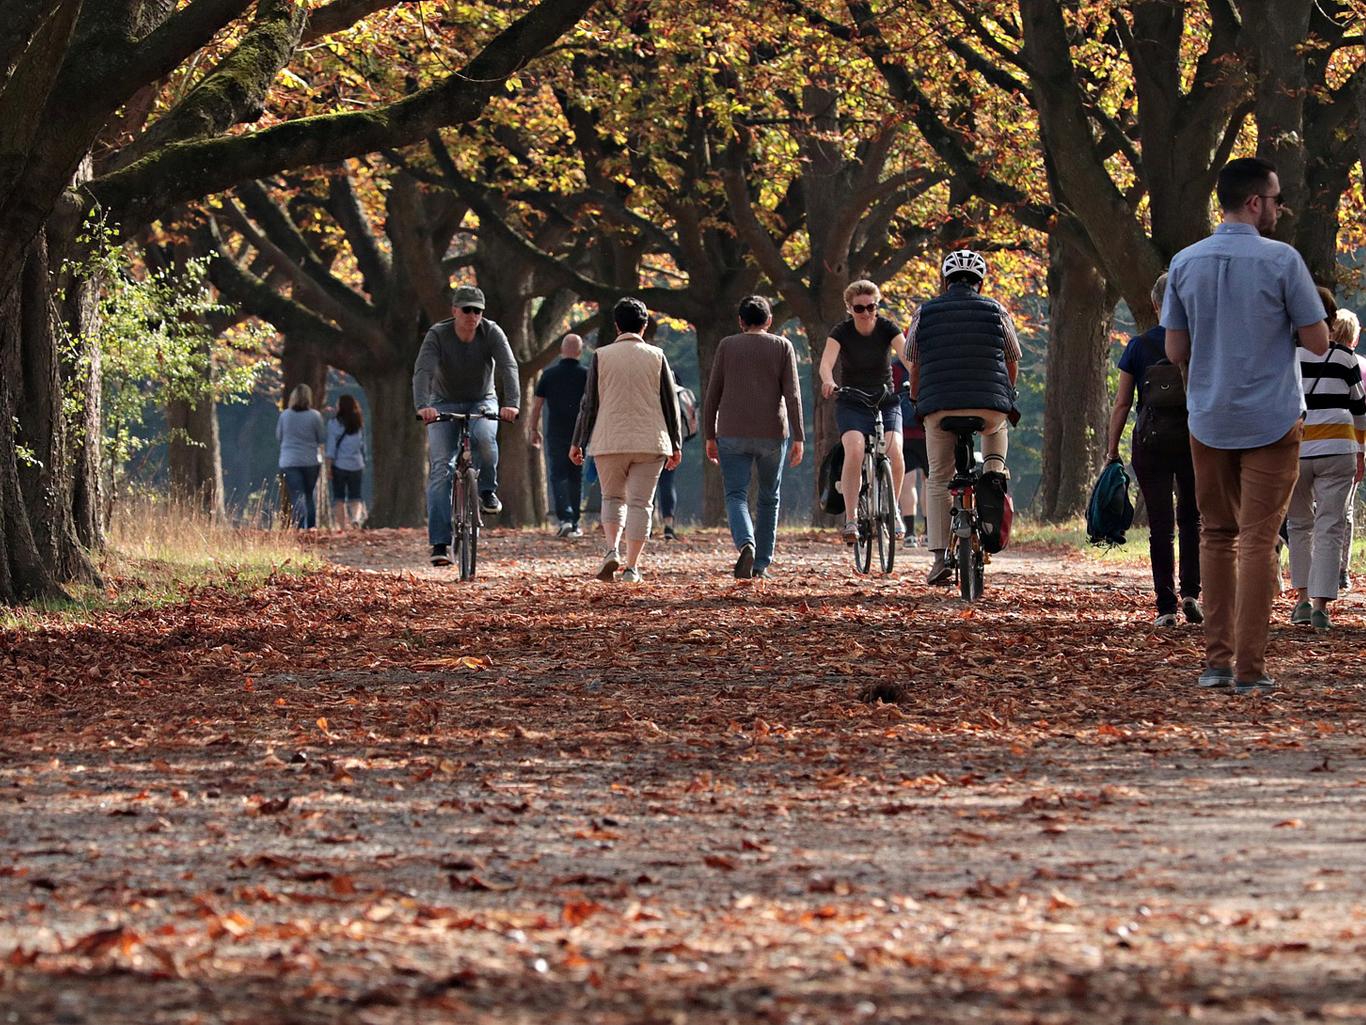 Чем заняться осенью: 10 идей для нескучного межсезонья